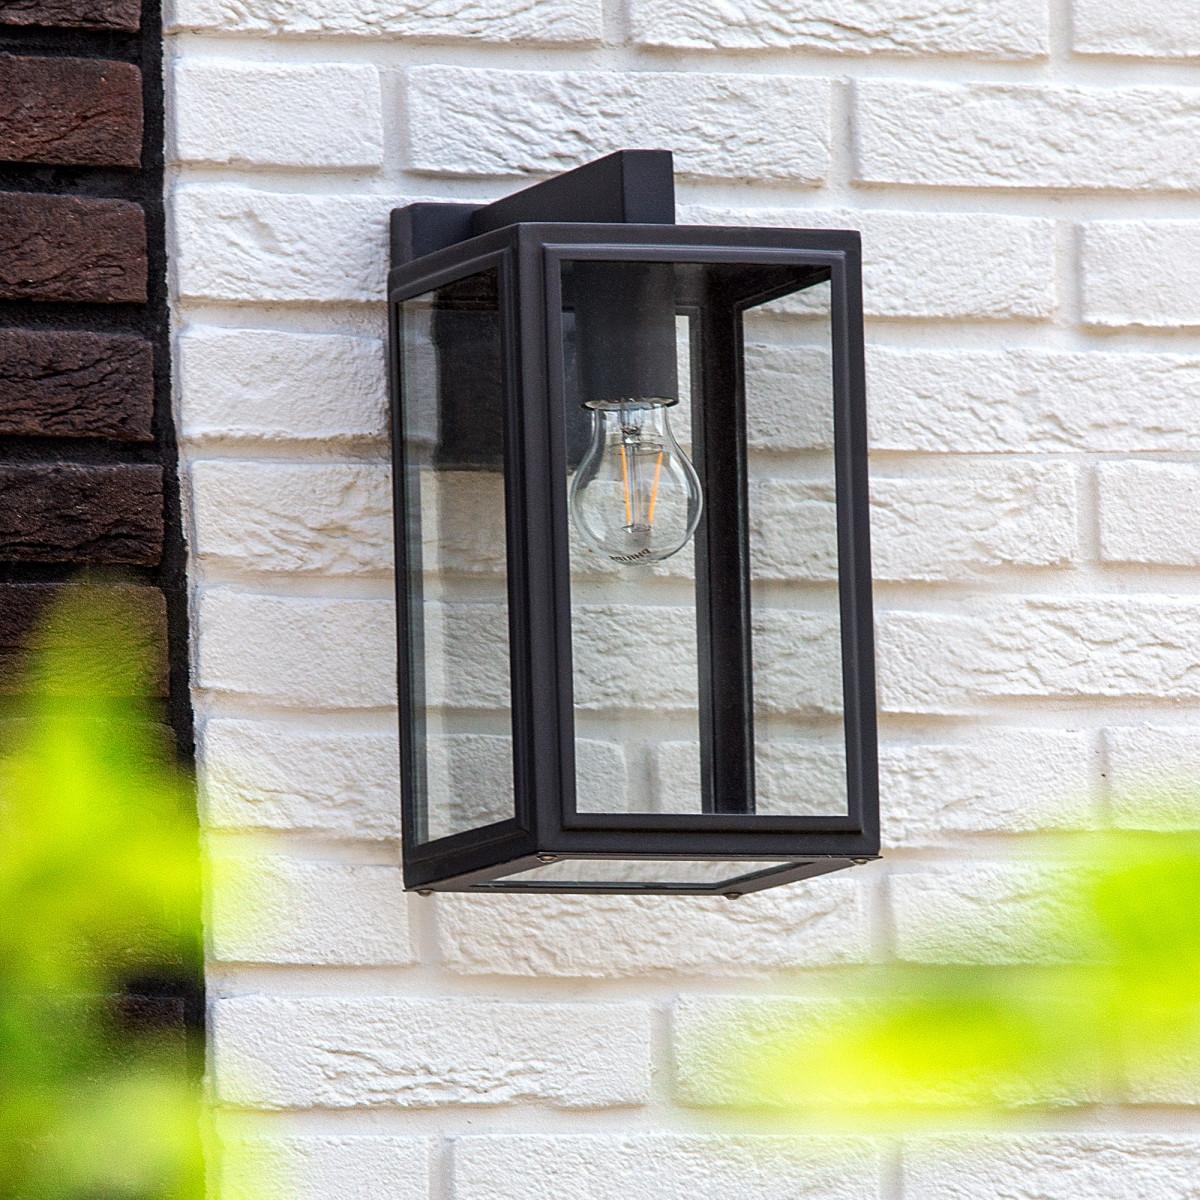 Buitenlamp zwart frame heldere beglazing, moderne wandlamp voor buiten, Soho